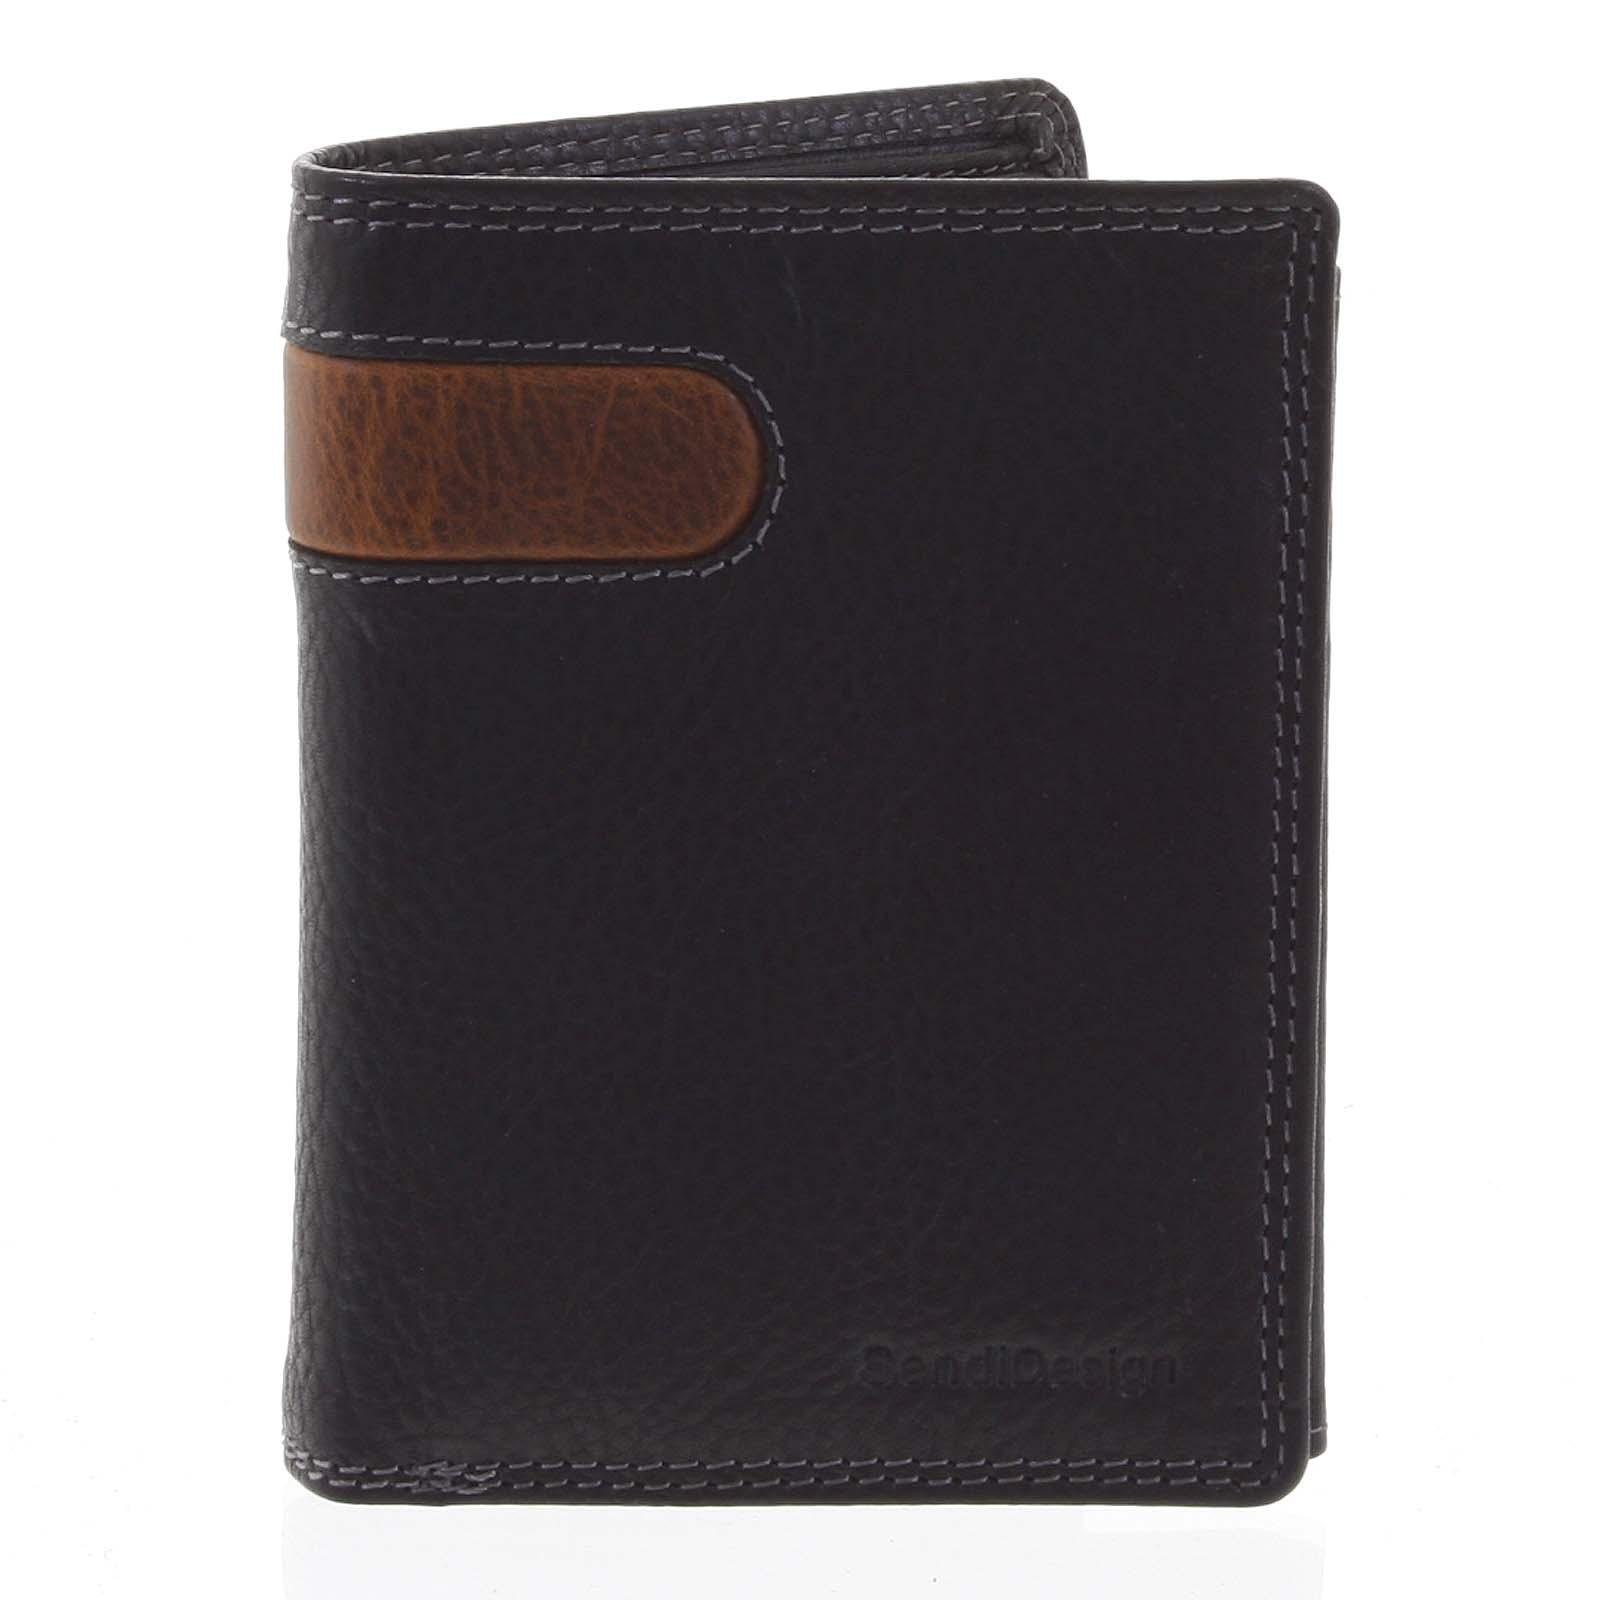 Pánska kožená peňaženka čierna - SendiDesign Parah čierna